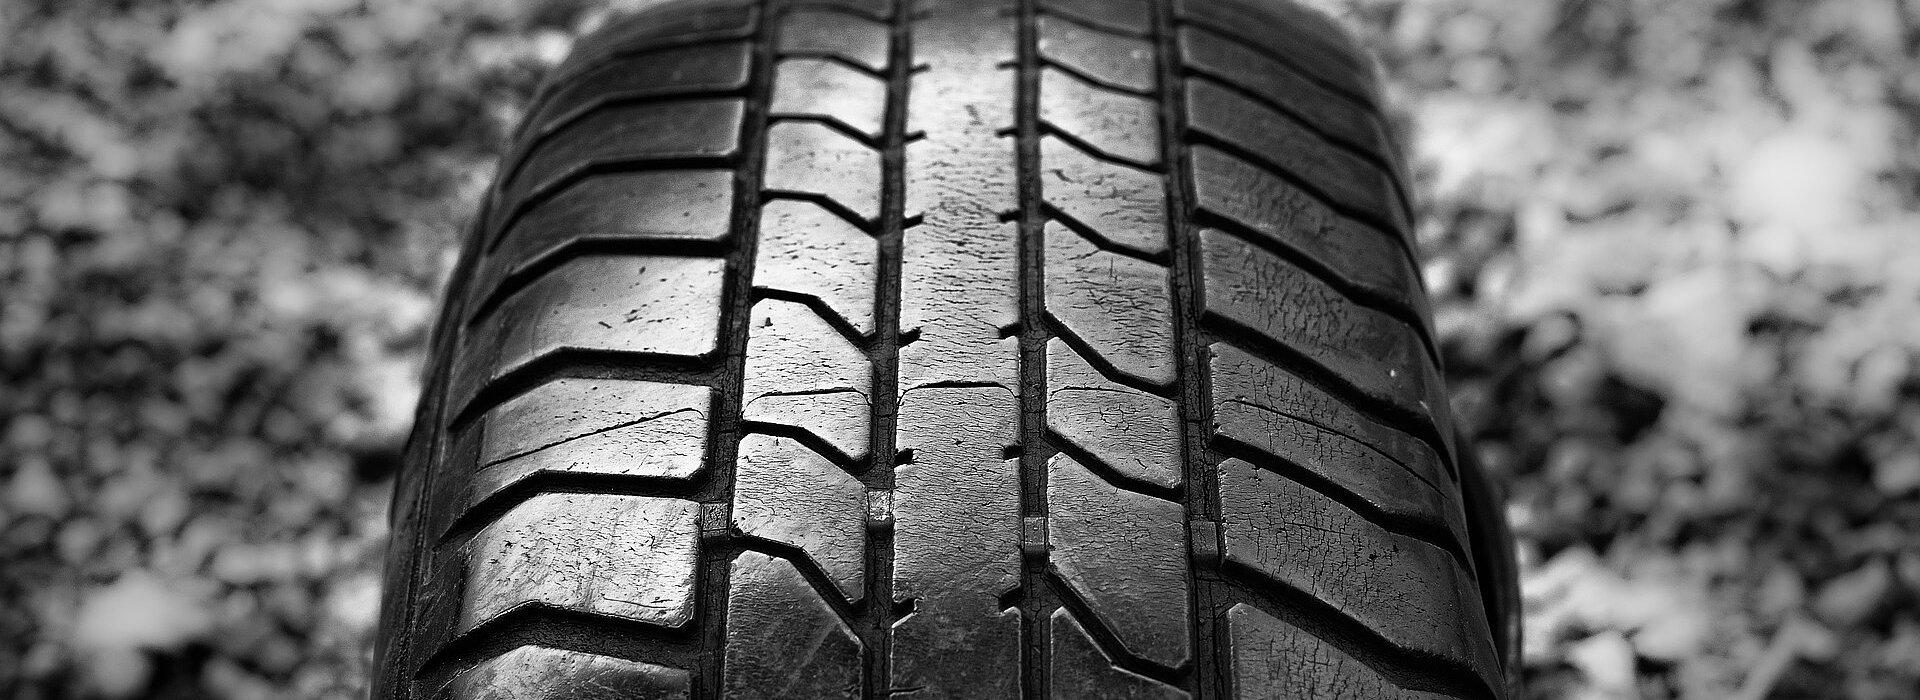 foto de um pneu contra um chão de pedregulhos - imagem em preto e branco